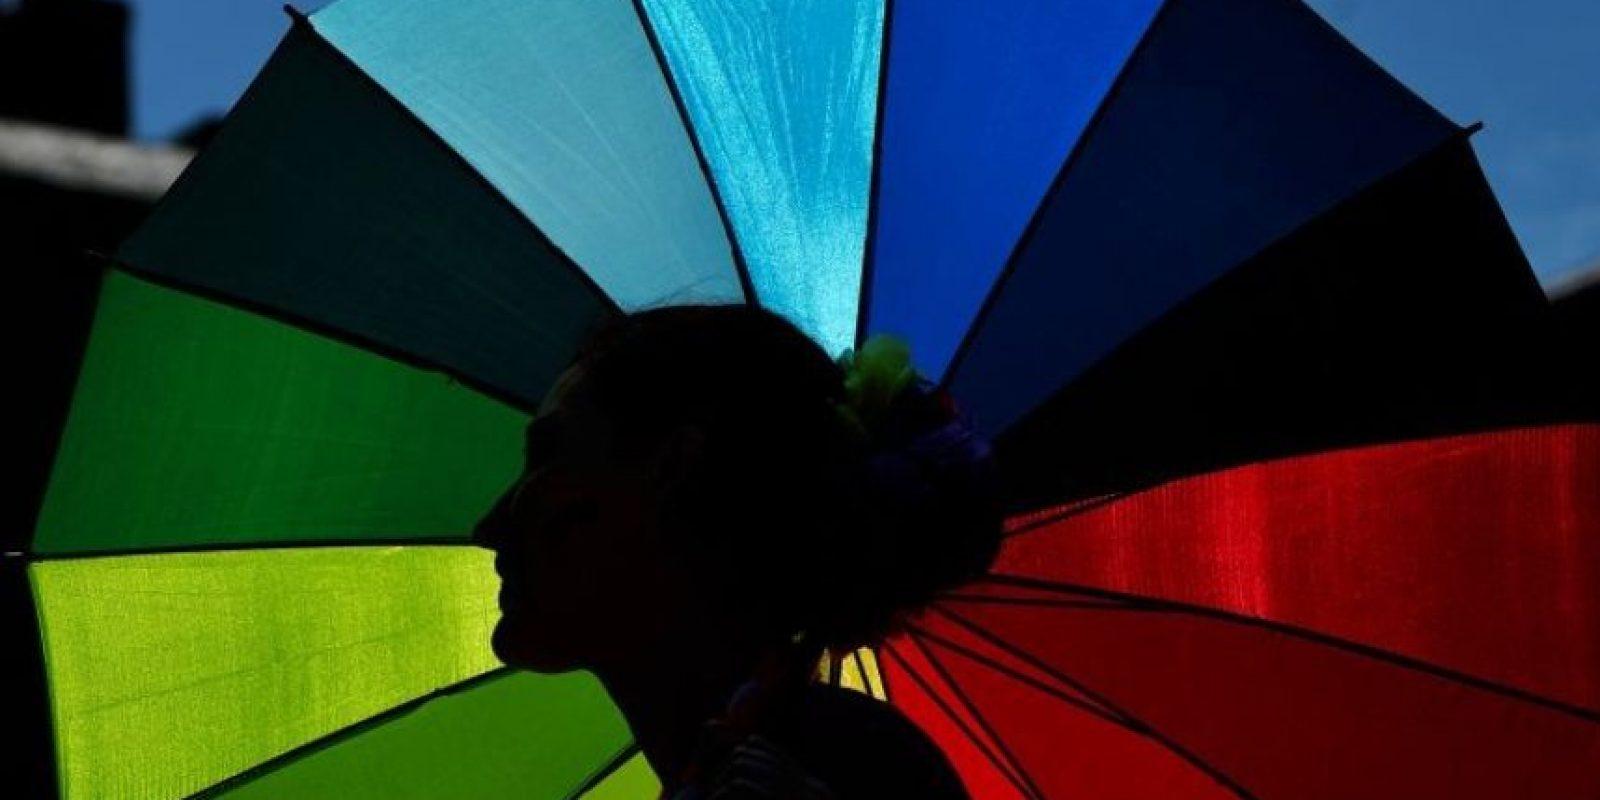 """Desde mayo de 2013, las parejas del mismo sexo tienen derecho a tener el estatutos de """"matrimonio"""", de acuerdo a una sentencia de la Corte Federal. Foto: Getty Images"""